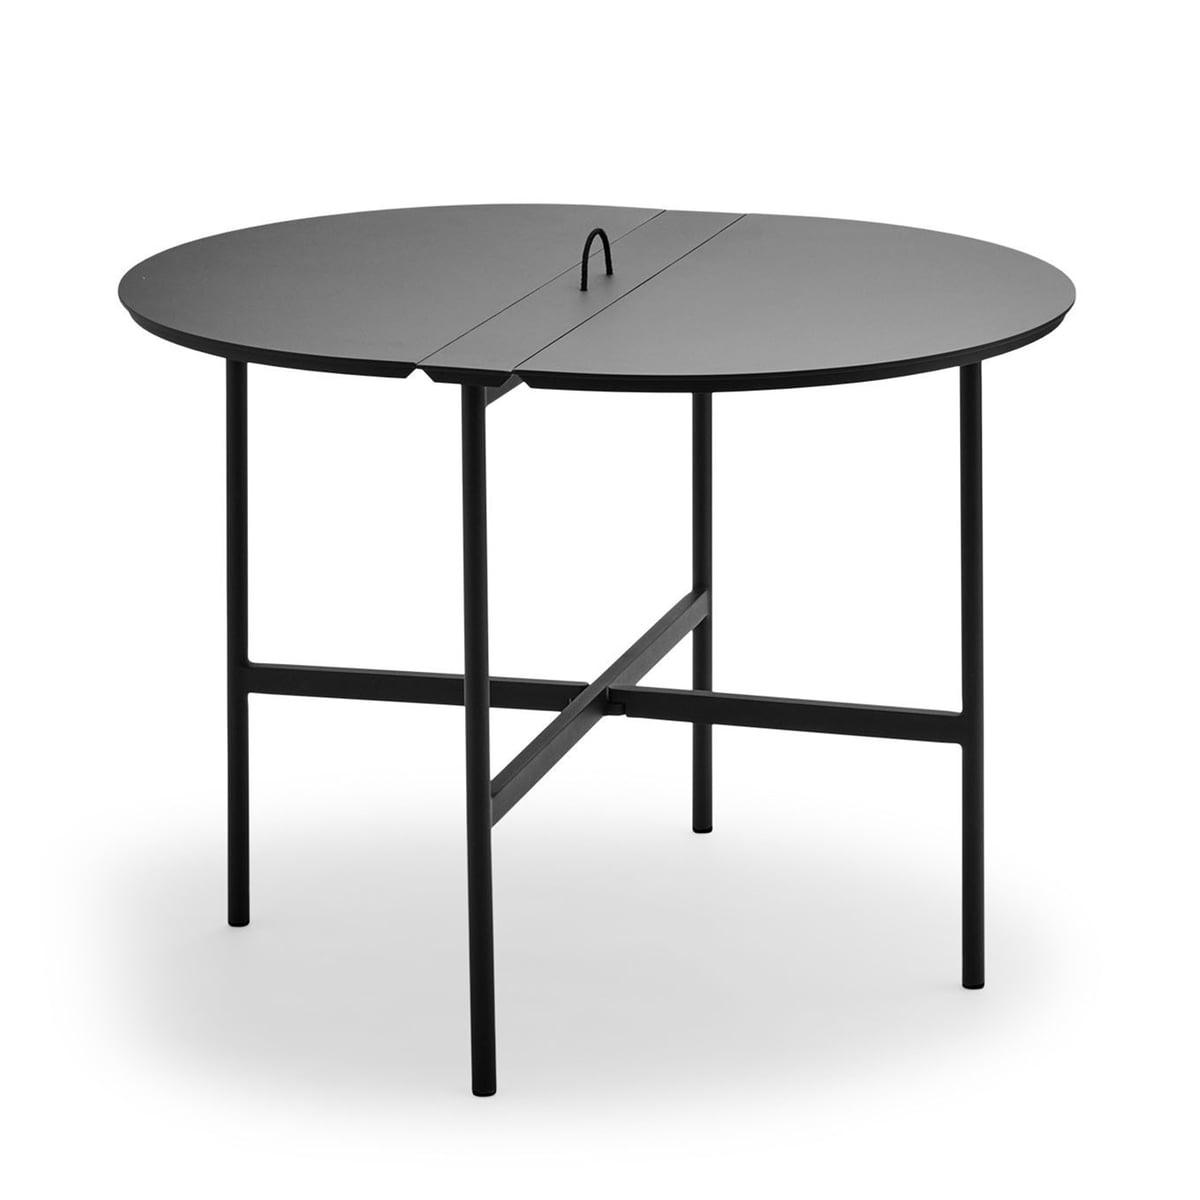 Picnic Tisch Von Skagerak Connox